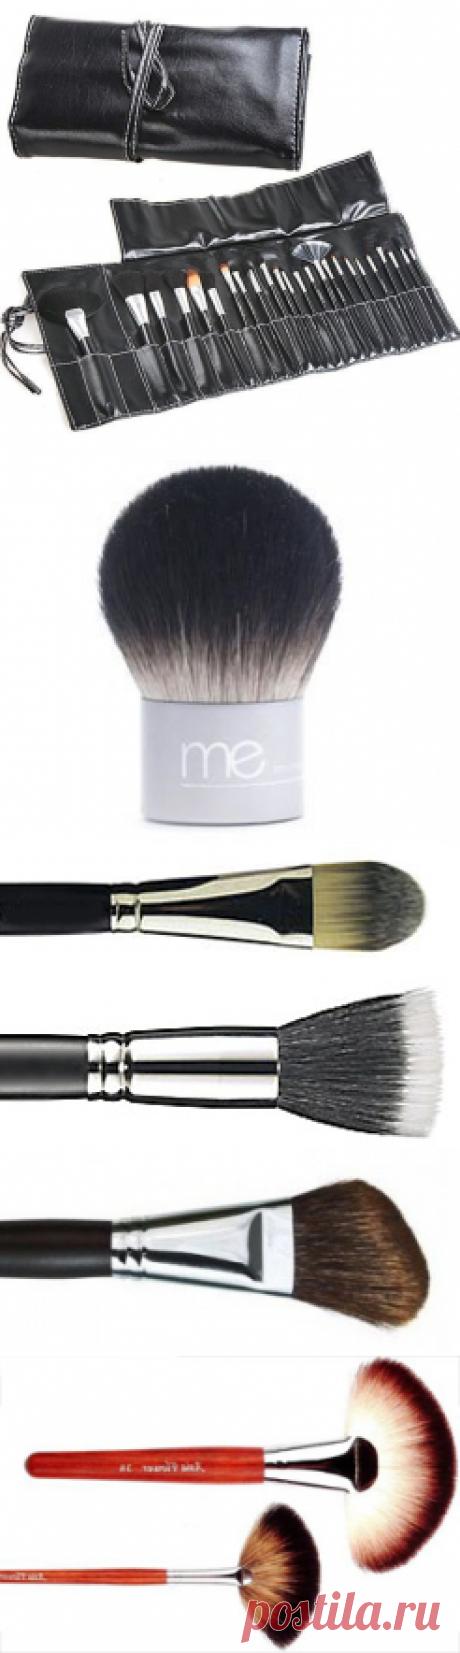 Какая кисть для чего нужна в макияже